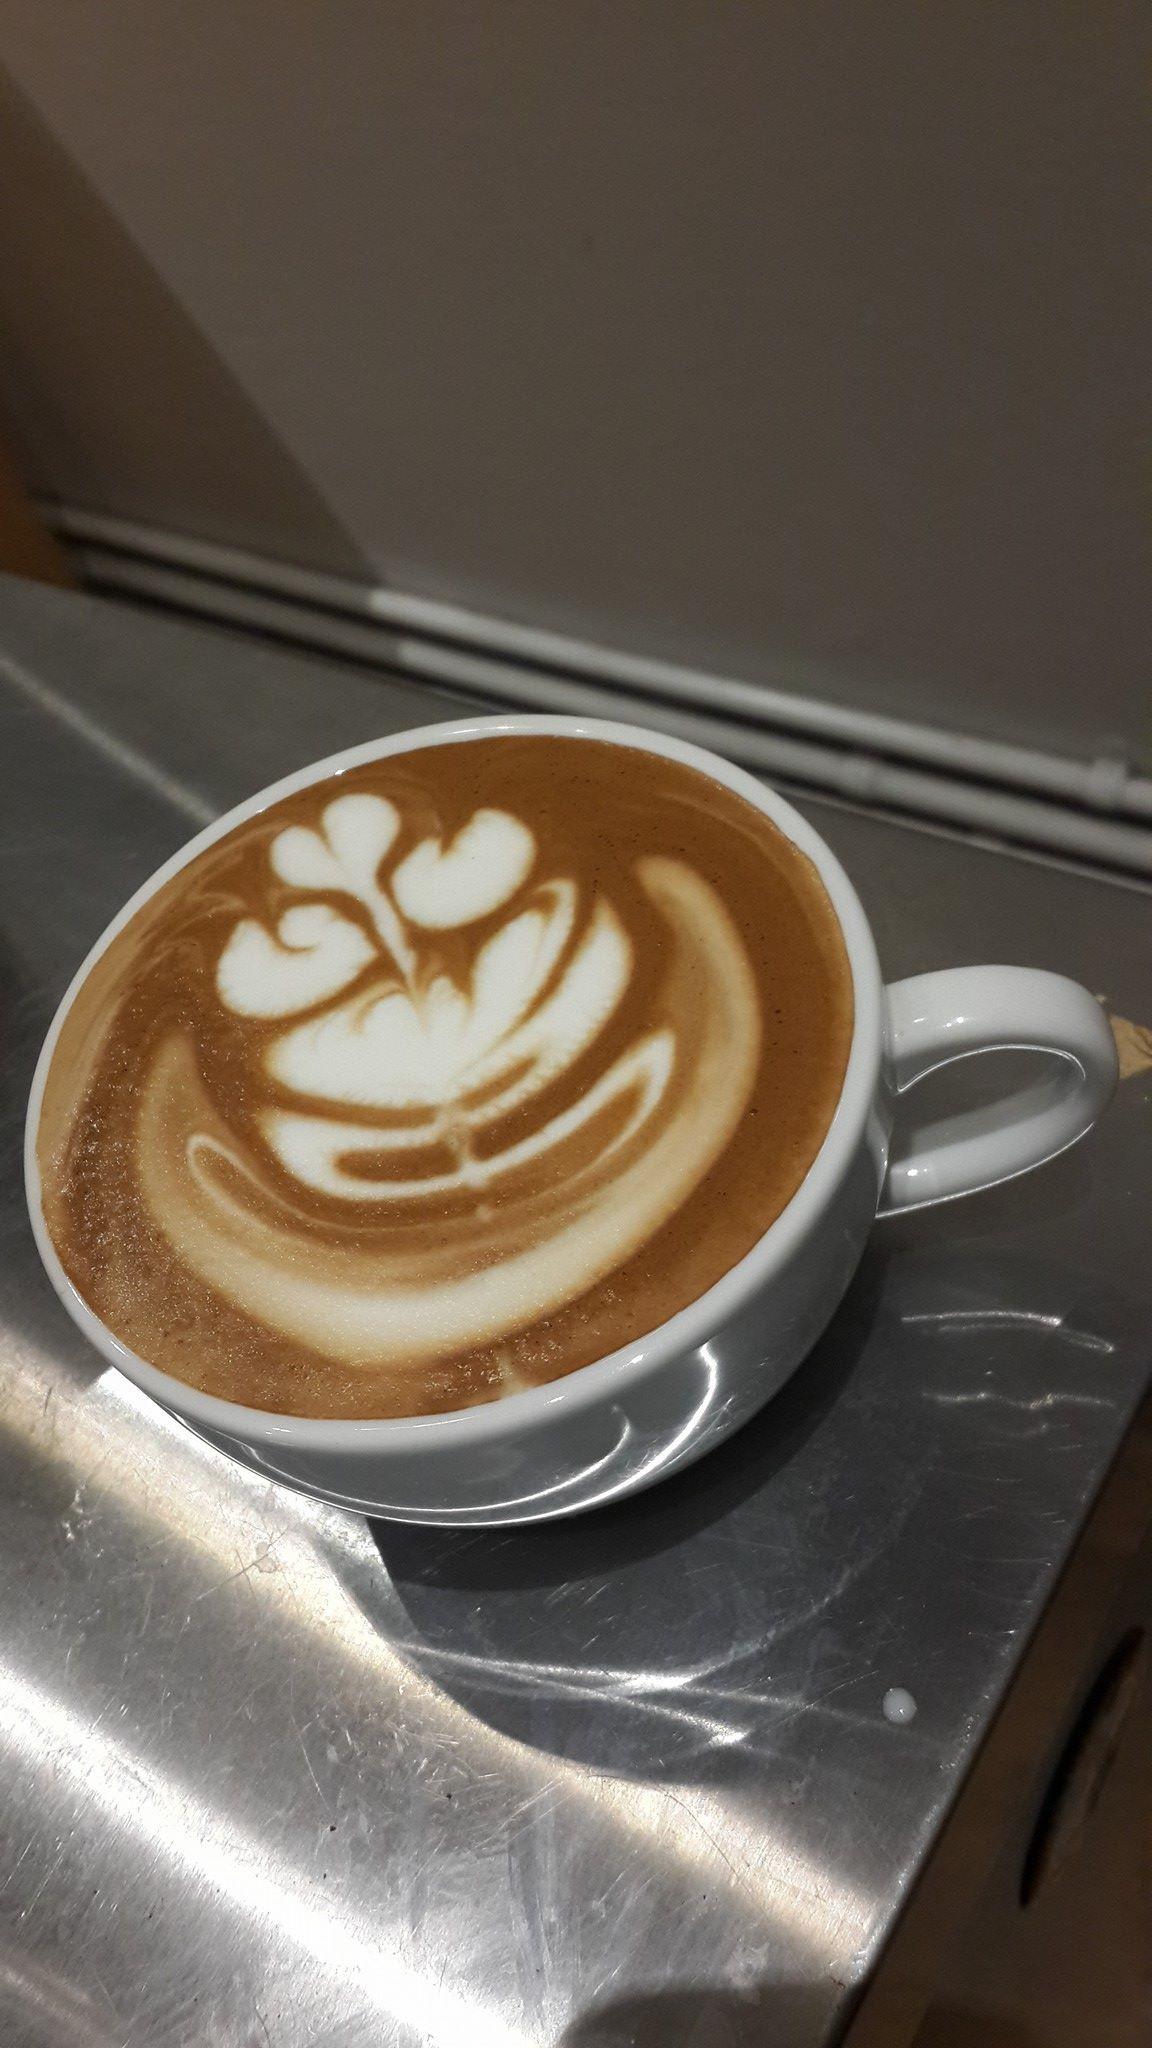 Wee Coffee